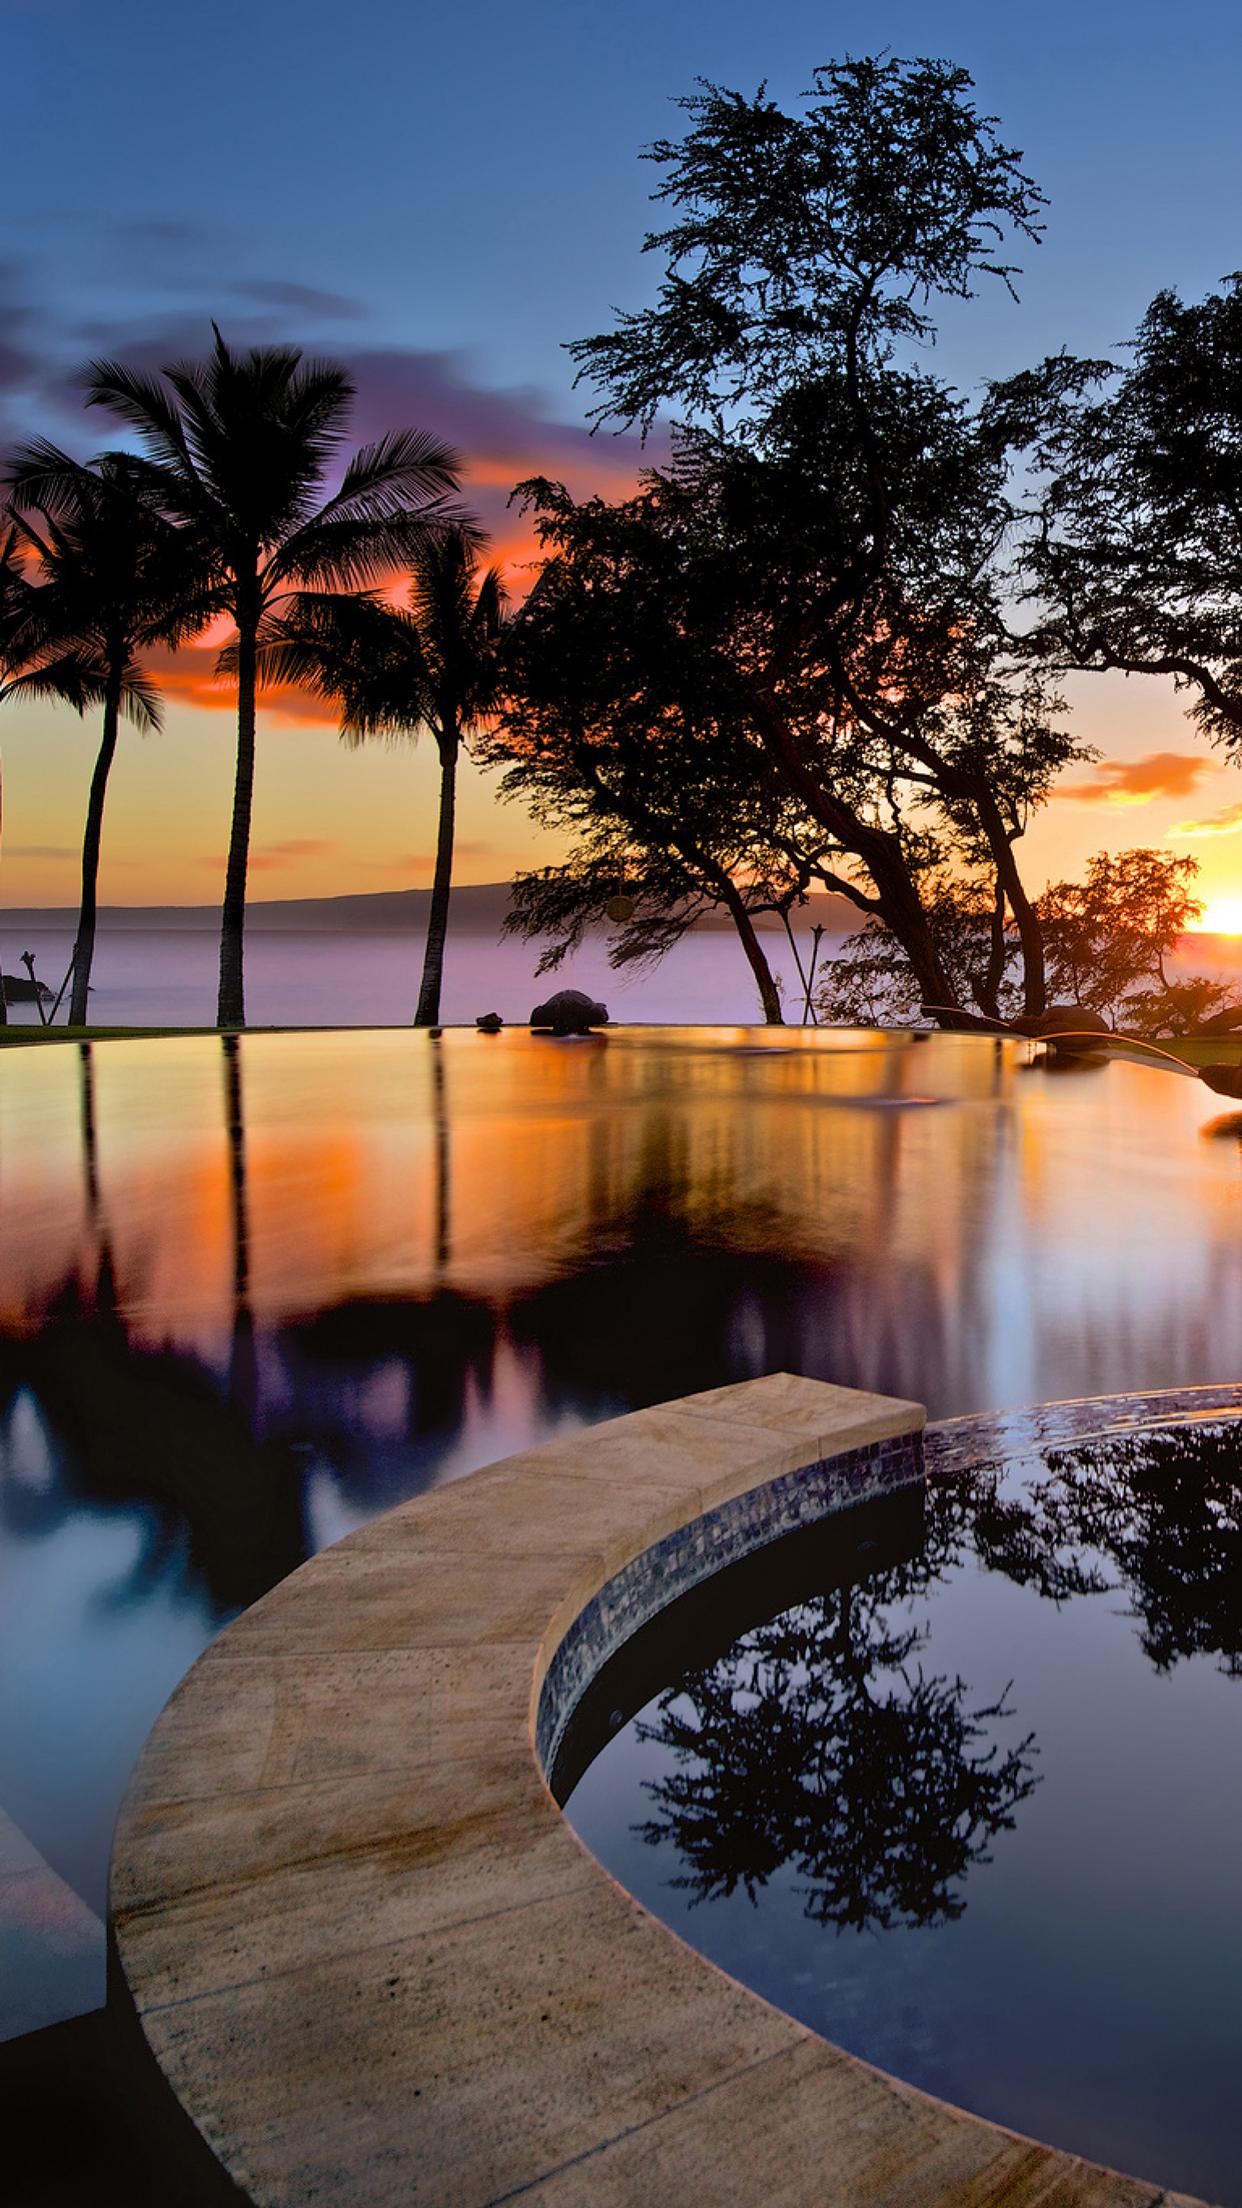 Hawaii Pool 3Wallpapers iPhone Parallax 3Wallpapers : notre sélection de fonds décran du 14/07/2017